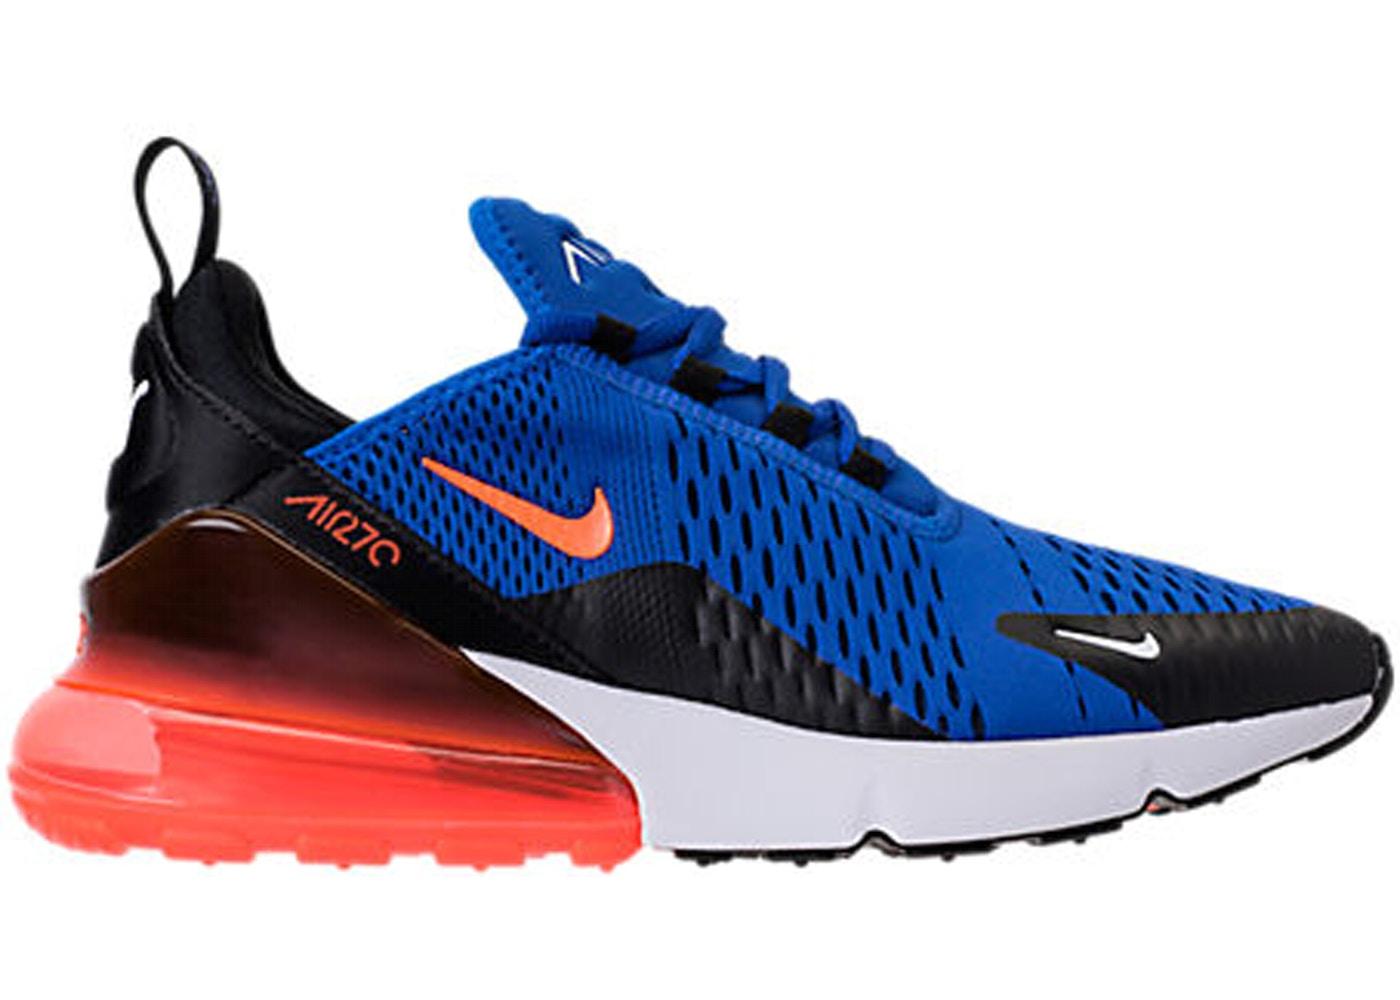 Nike Air Max 270 Racer Blue